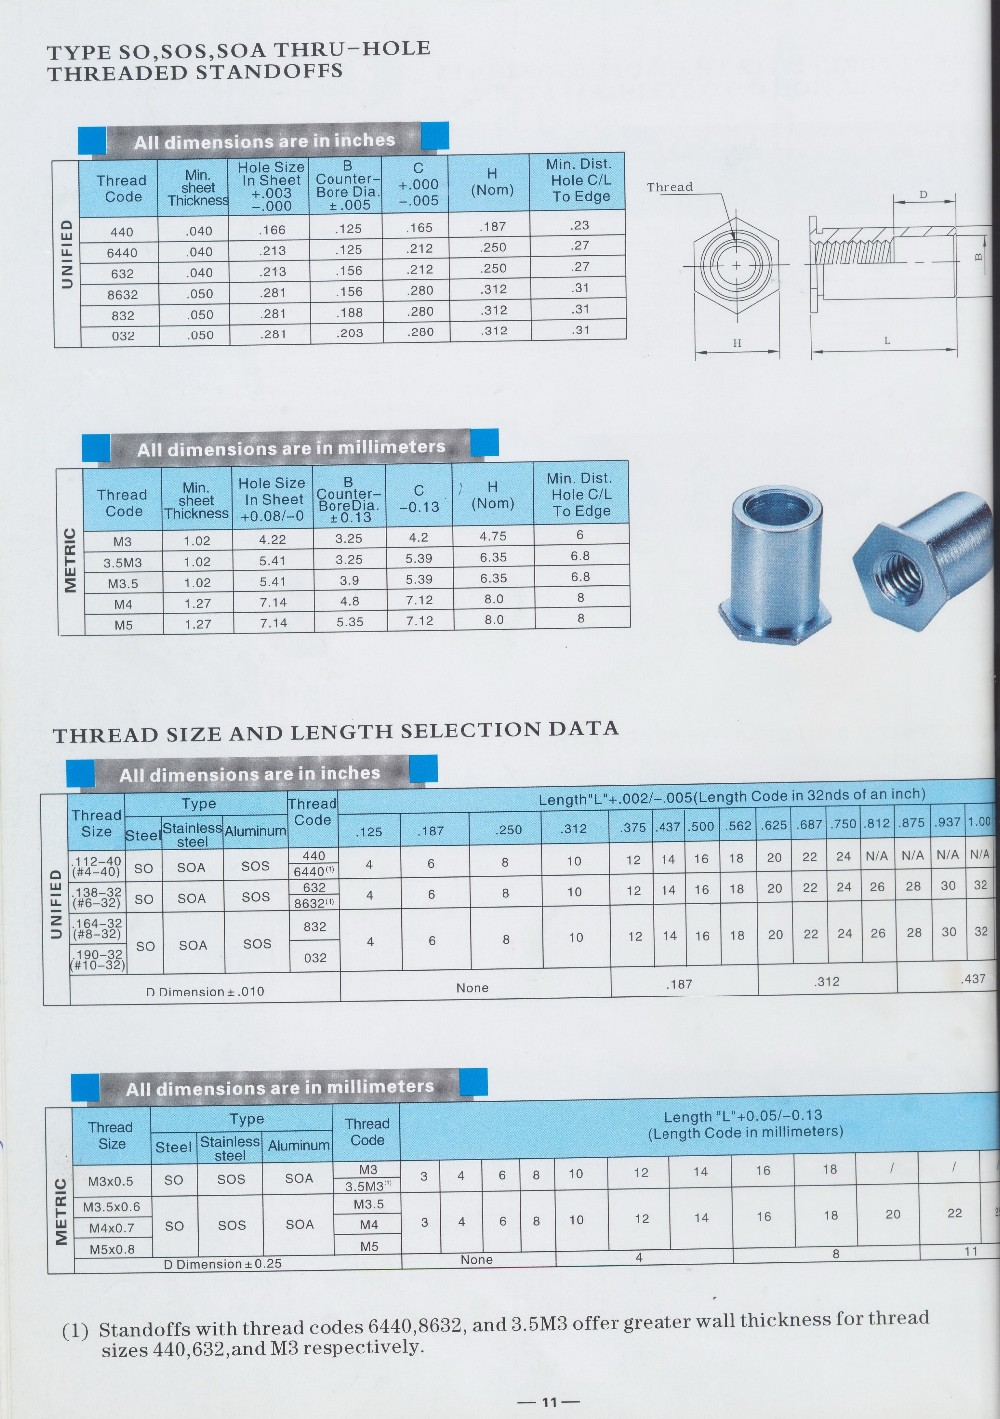 SOS-M5-12, резьбовые стойки, нержавеющая сталь, природа, PEM стандарт, сделано в Китае